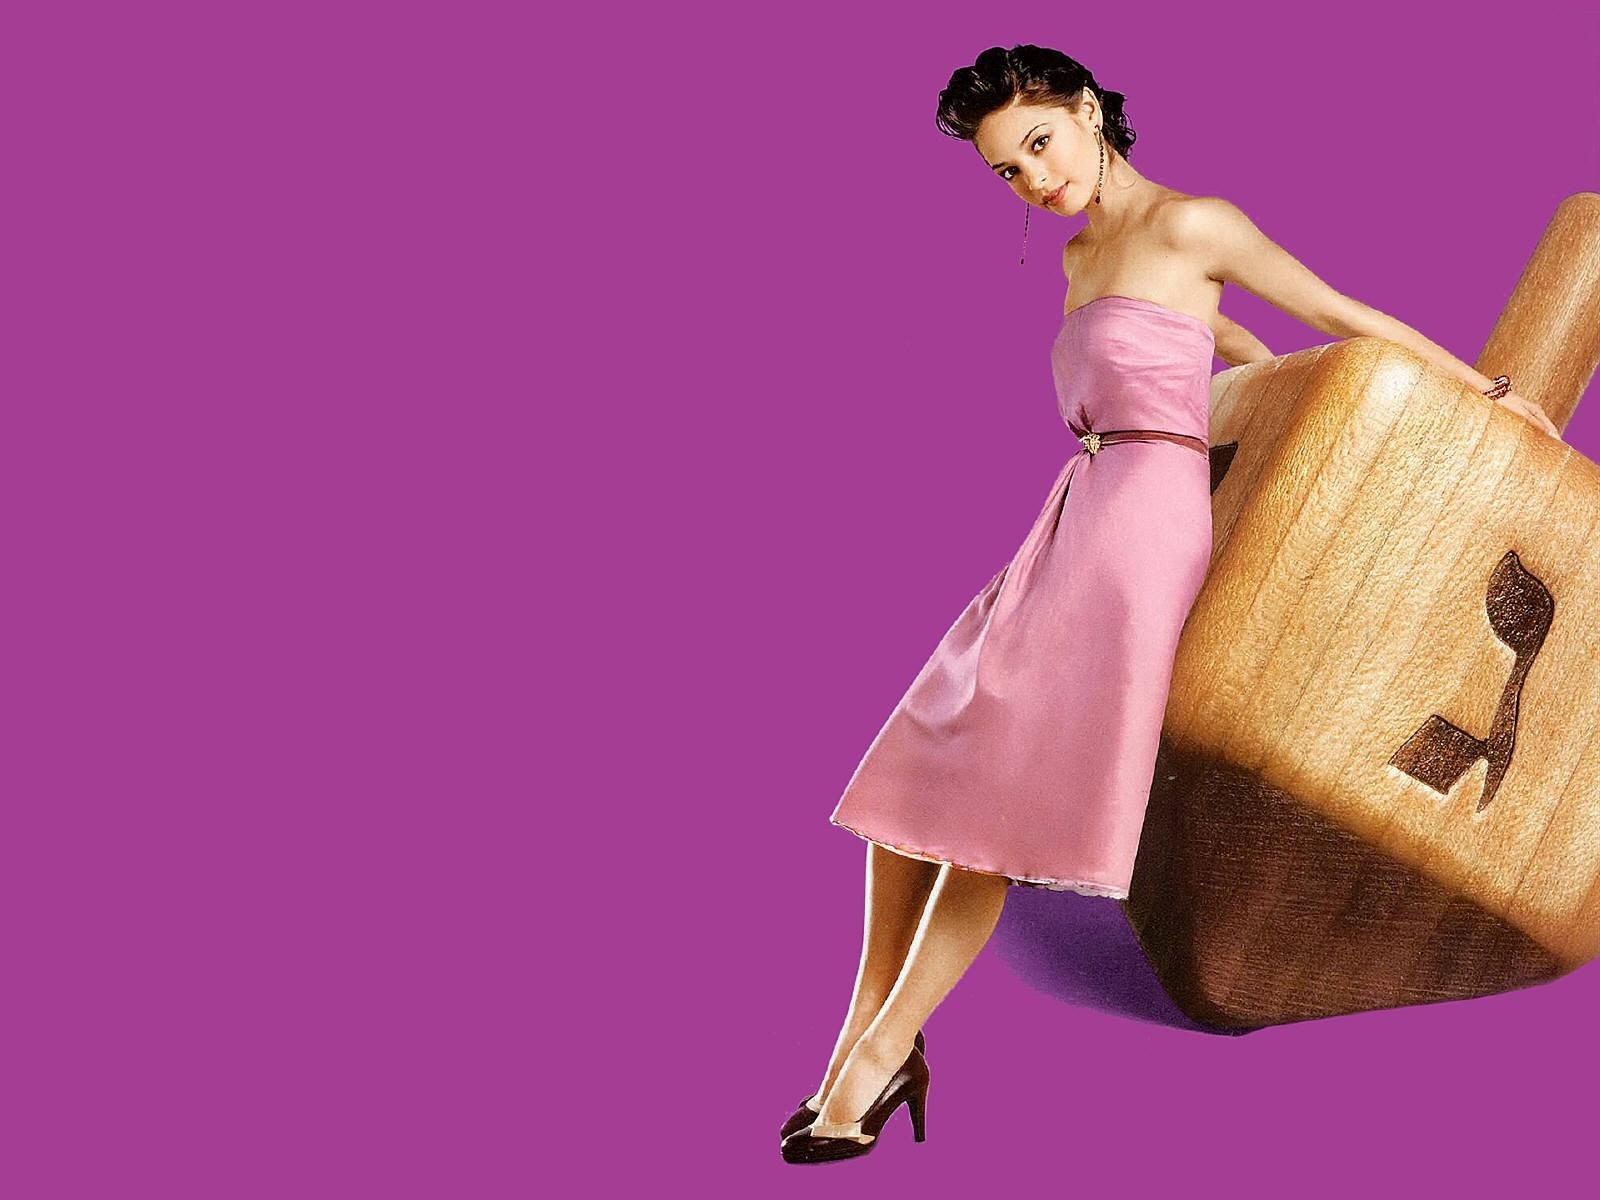 Wallpaper di Kristin Kreuk in abito rosa